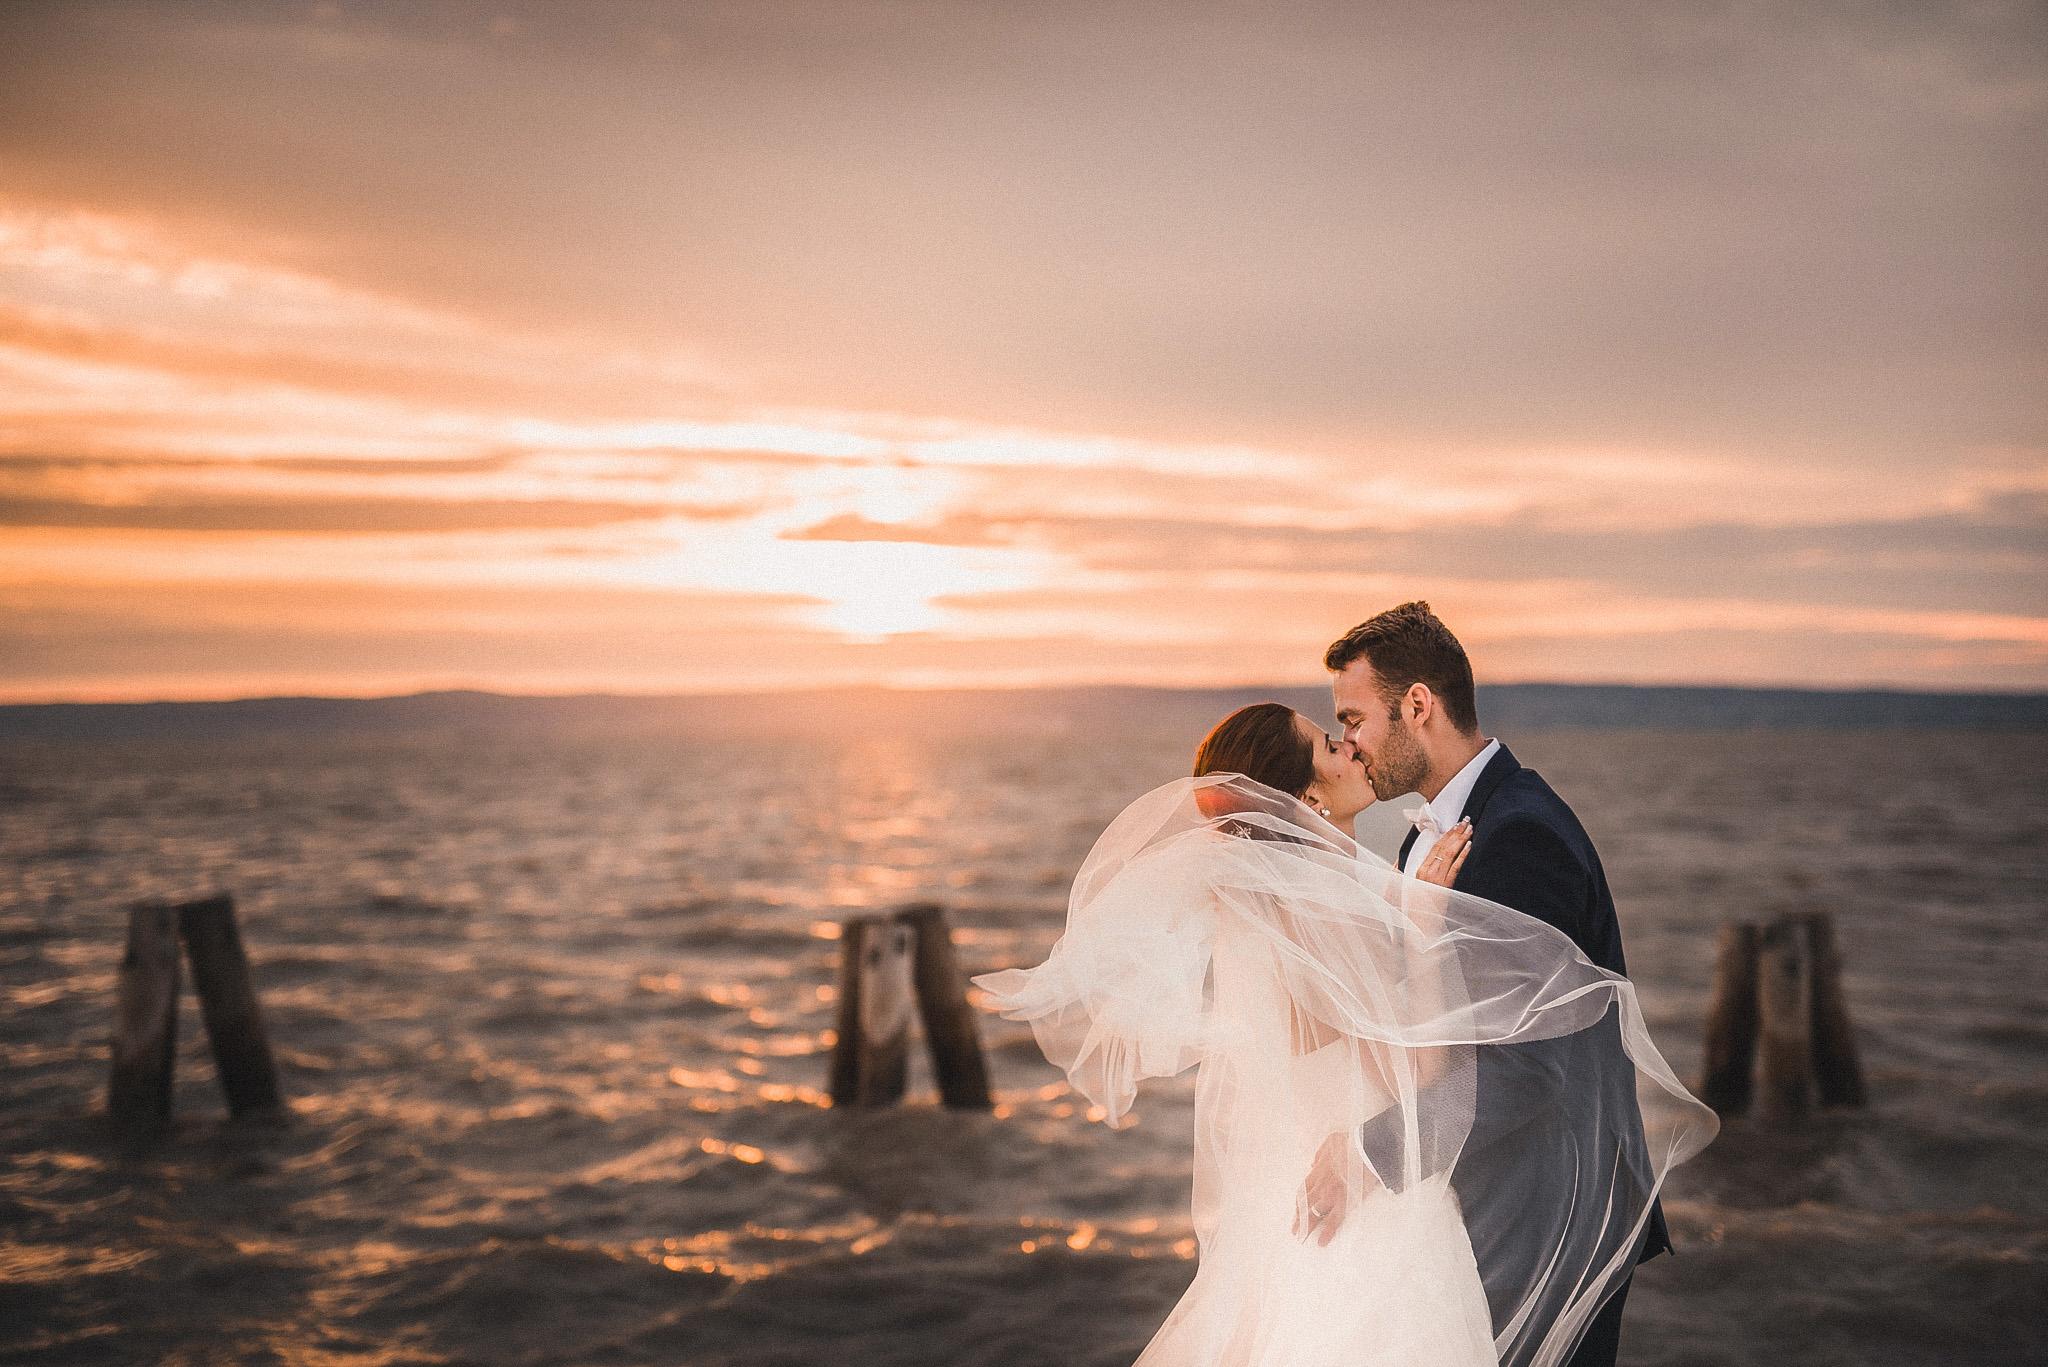 more, oceán, jazero, ženích, nevesta, závoj, vietor, bozk, pusa, západ slnka, sunset, Podersdorf, Rakúsko, svadobná cesta, romantika, láska